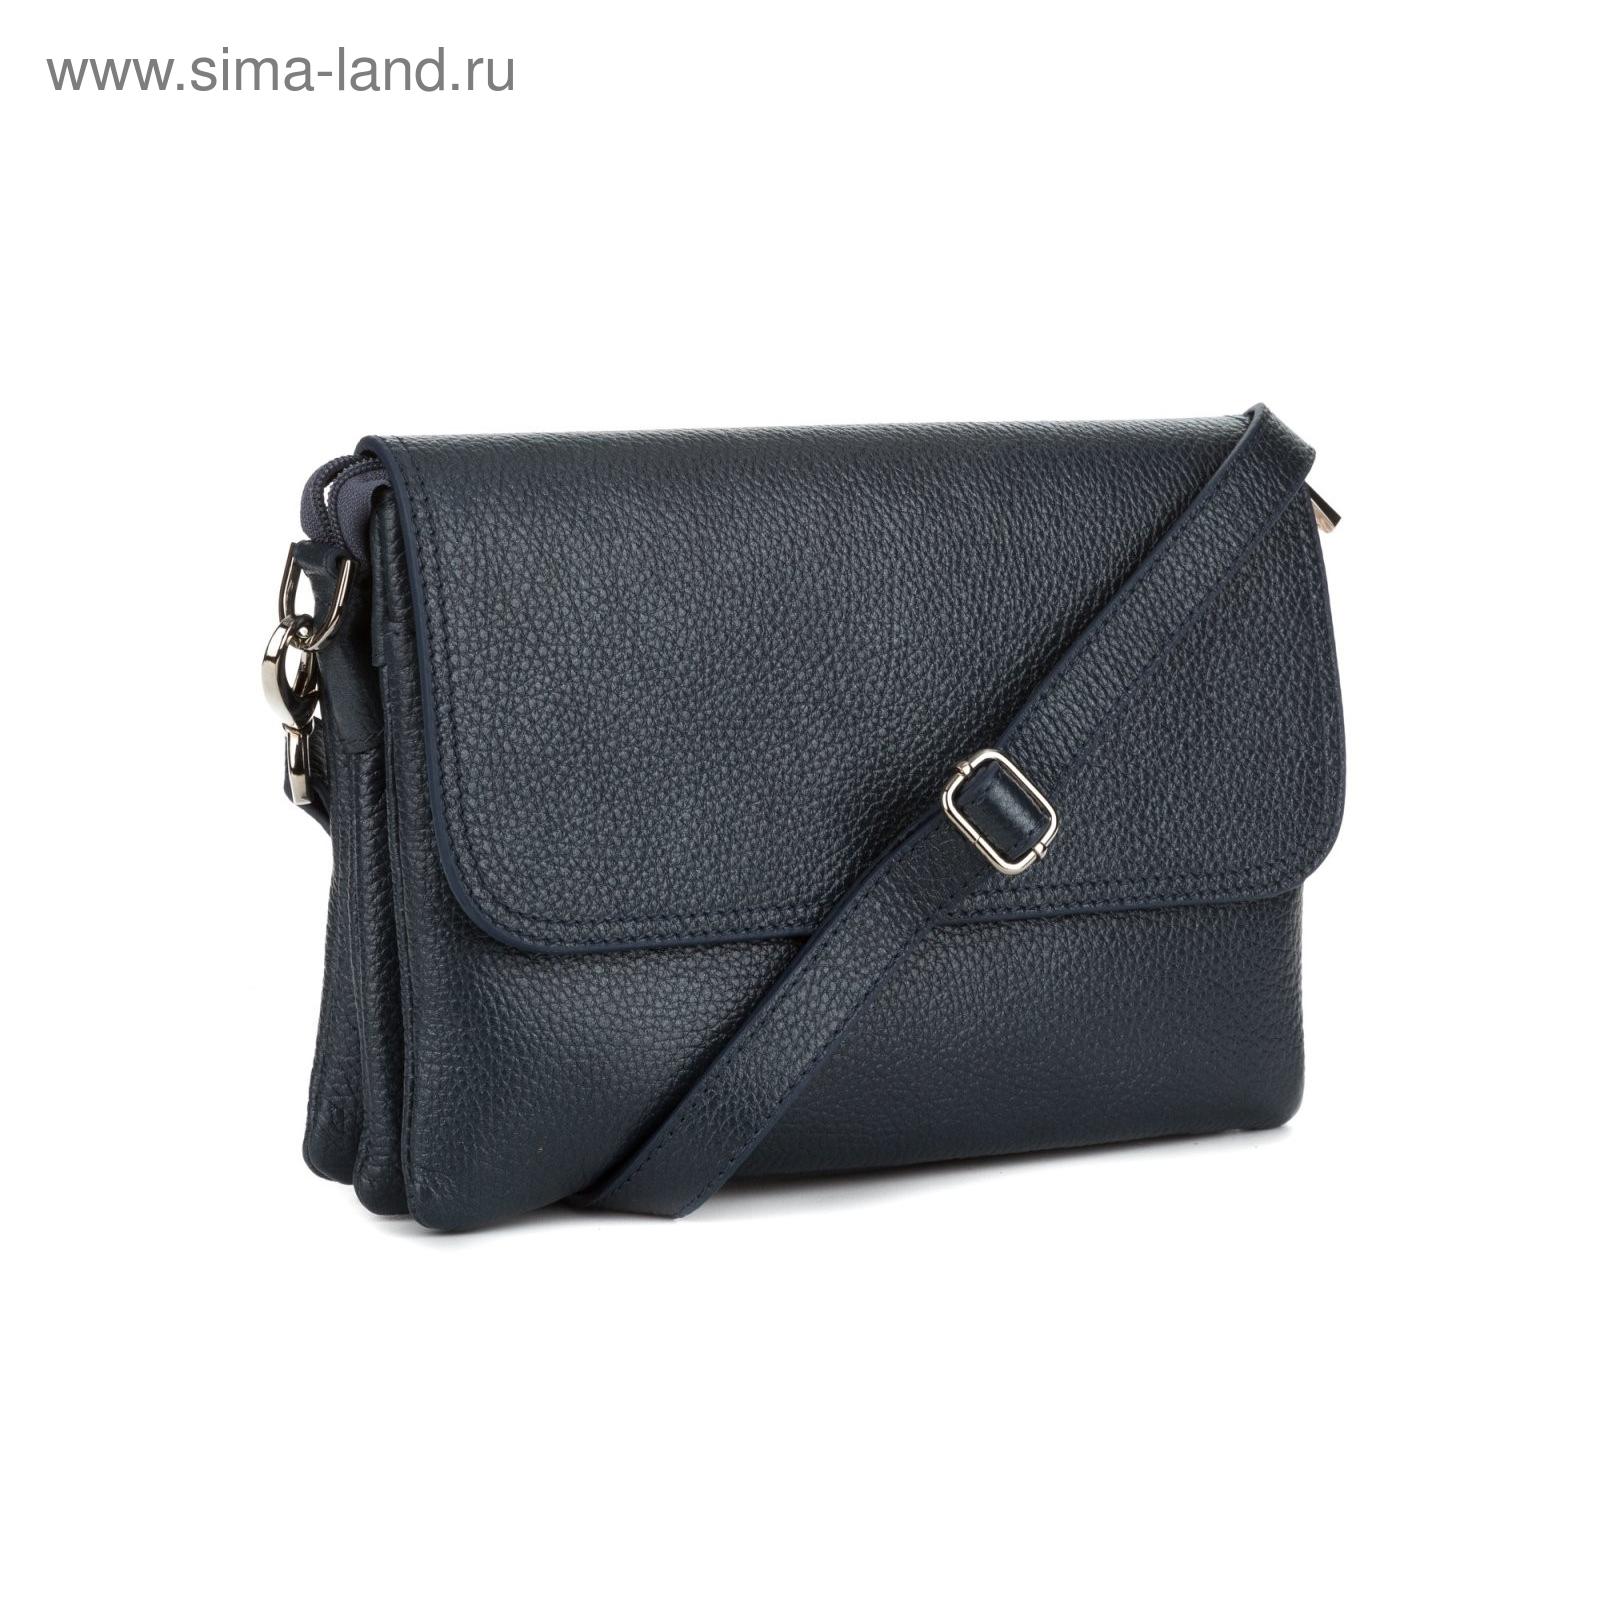 5bf6f9fb0269 Клатч женский FABIO BRUNO R-006, МТФ синий (4282657) - Купить по ...